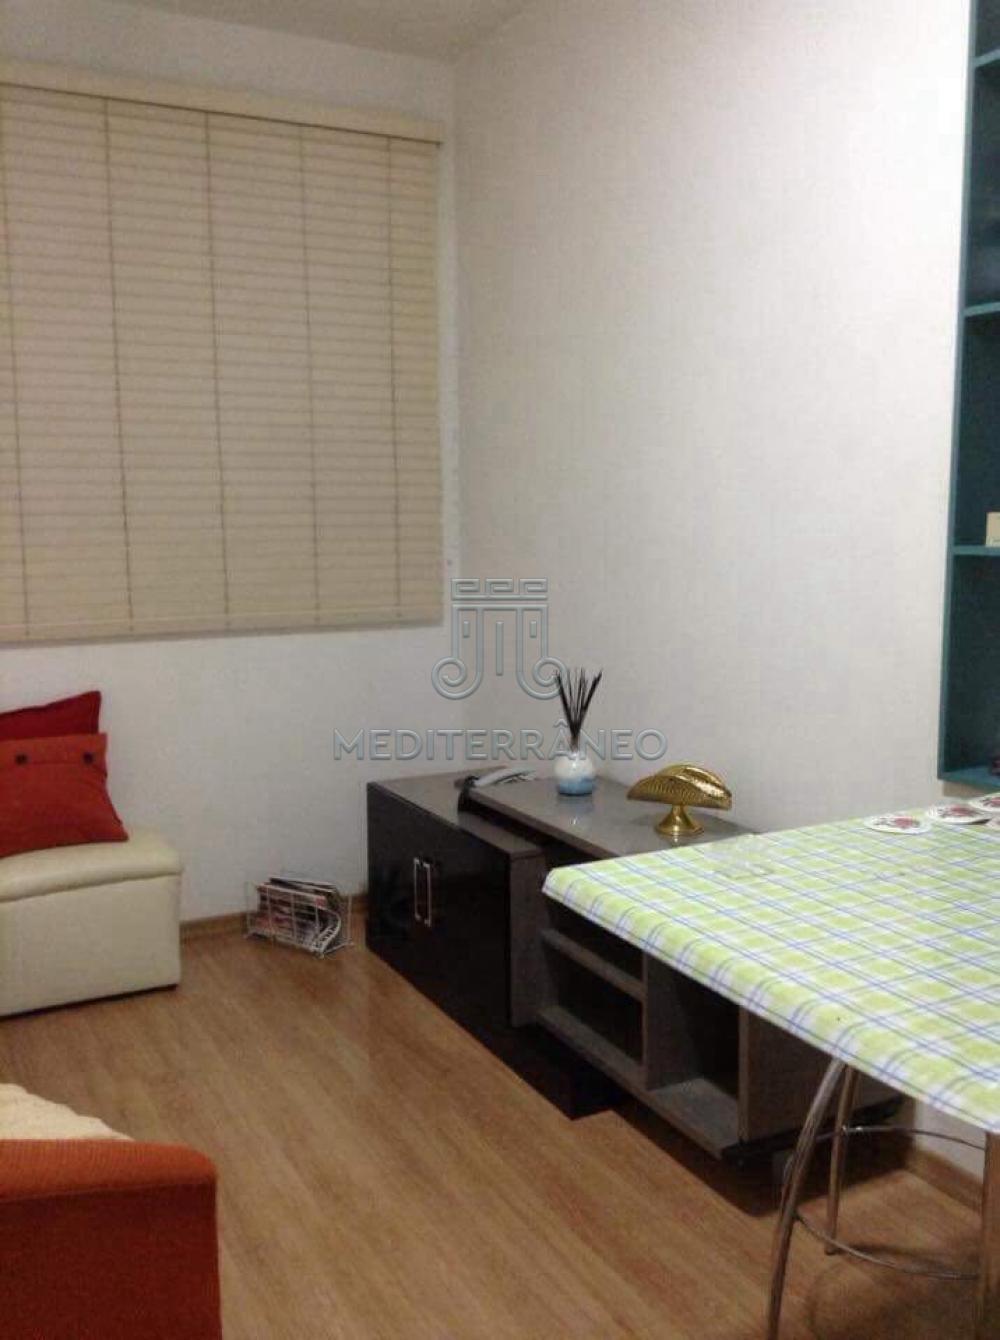 Comprar Apartamento / Padrão em Jundiaí apenas R$ 205.000,00 - Foto 12